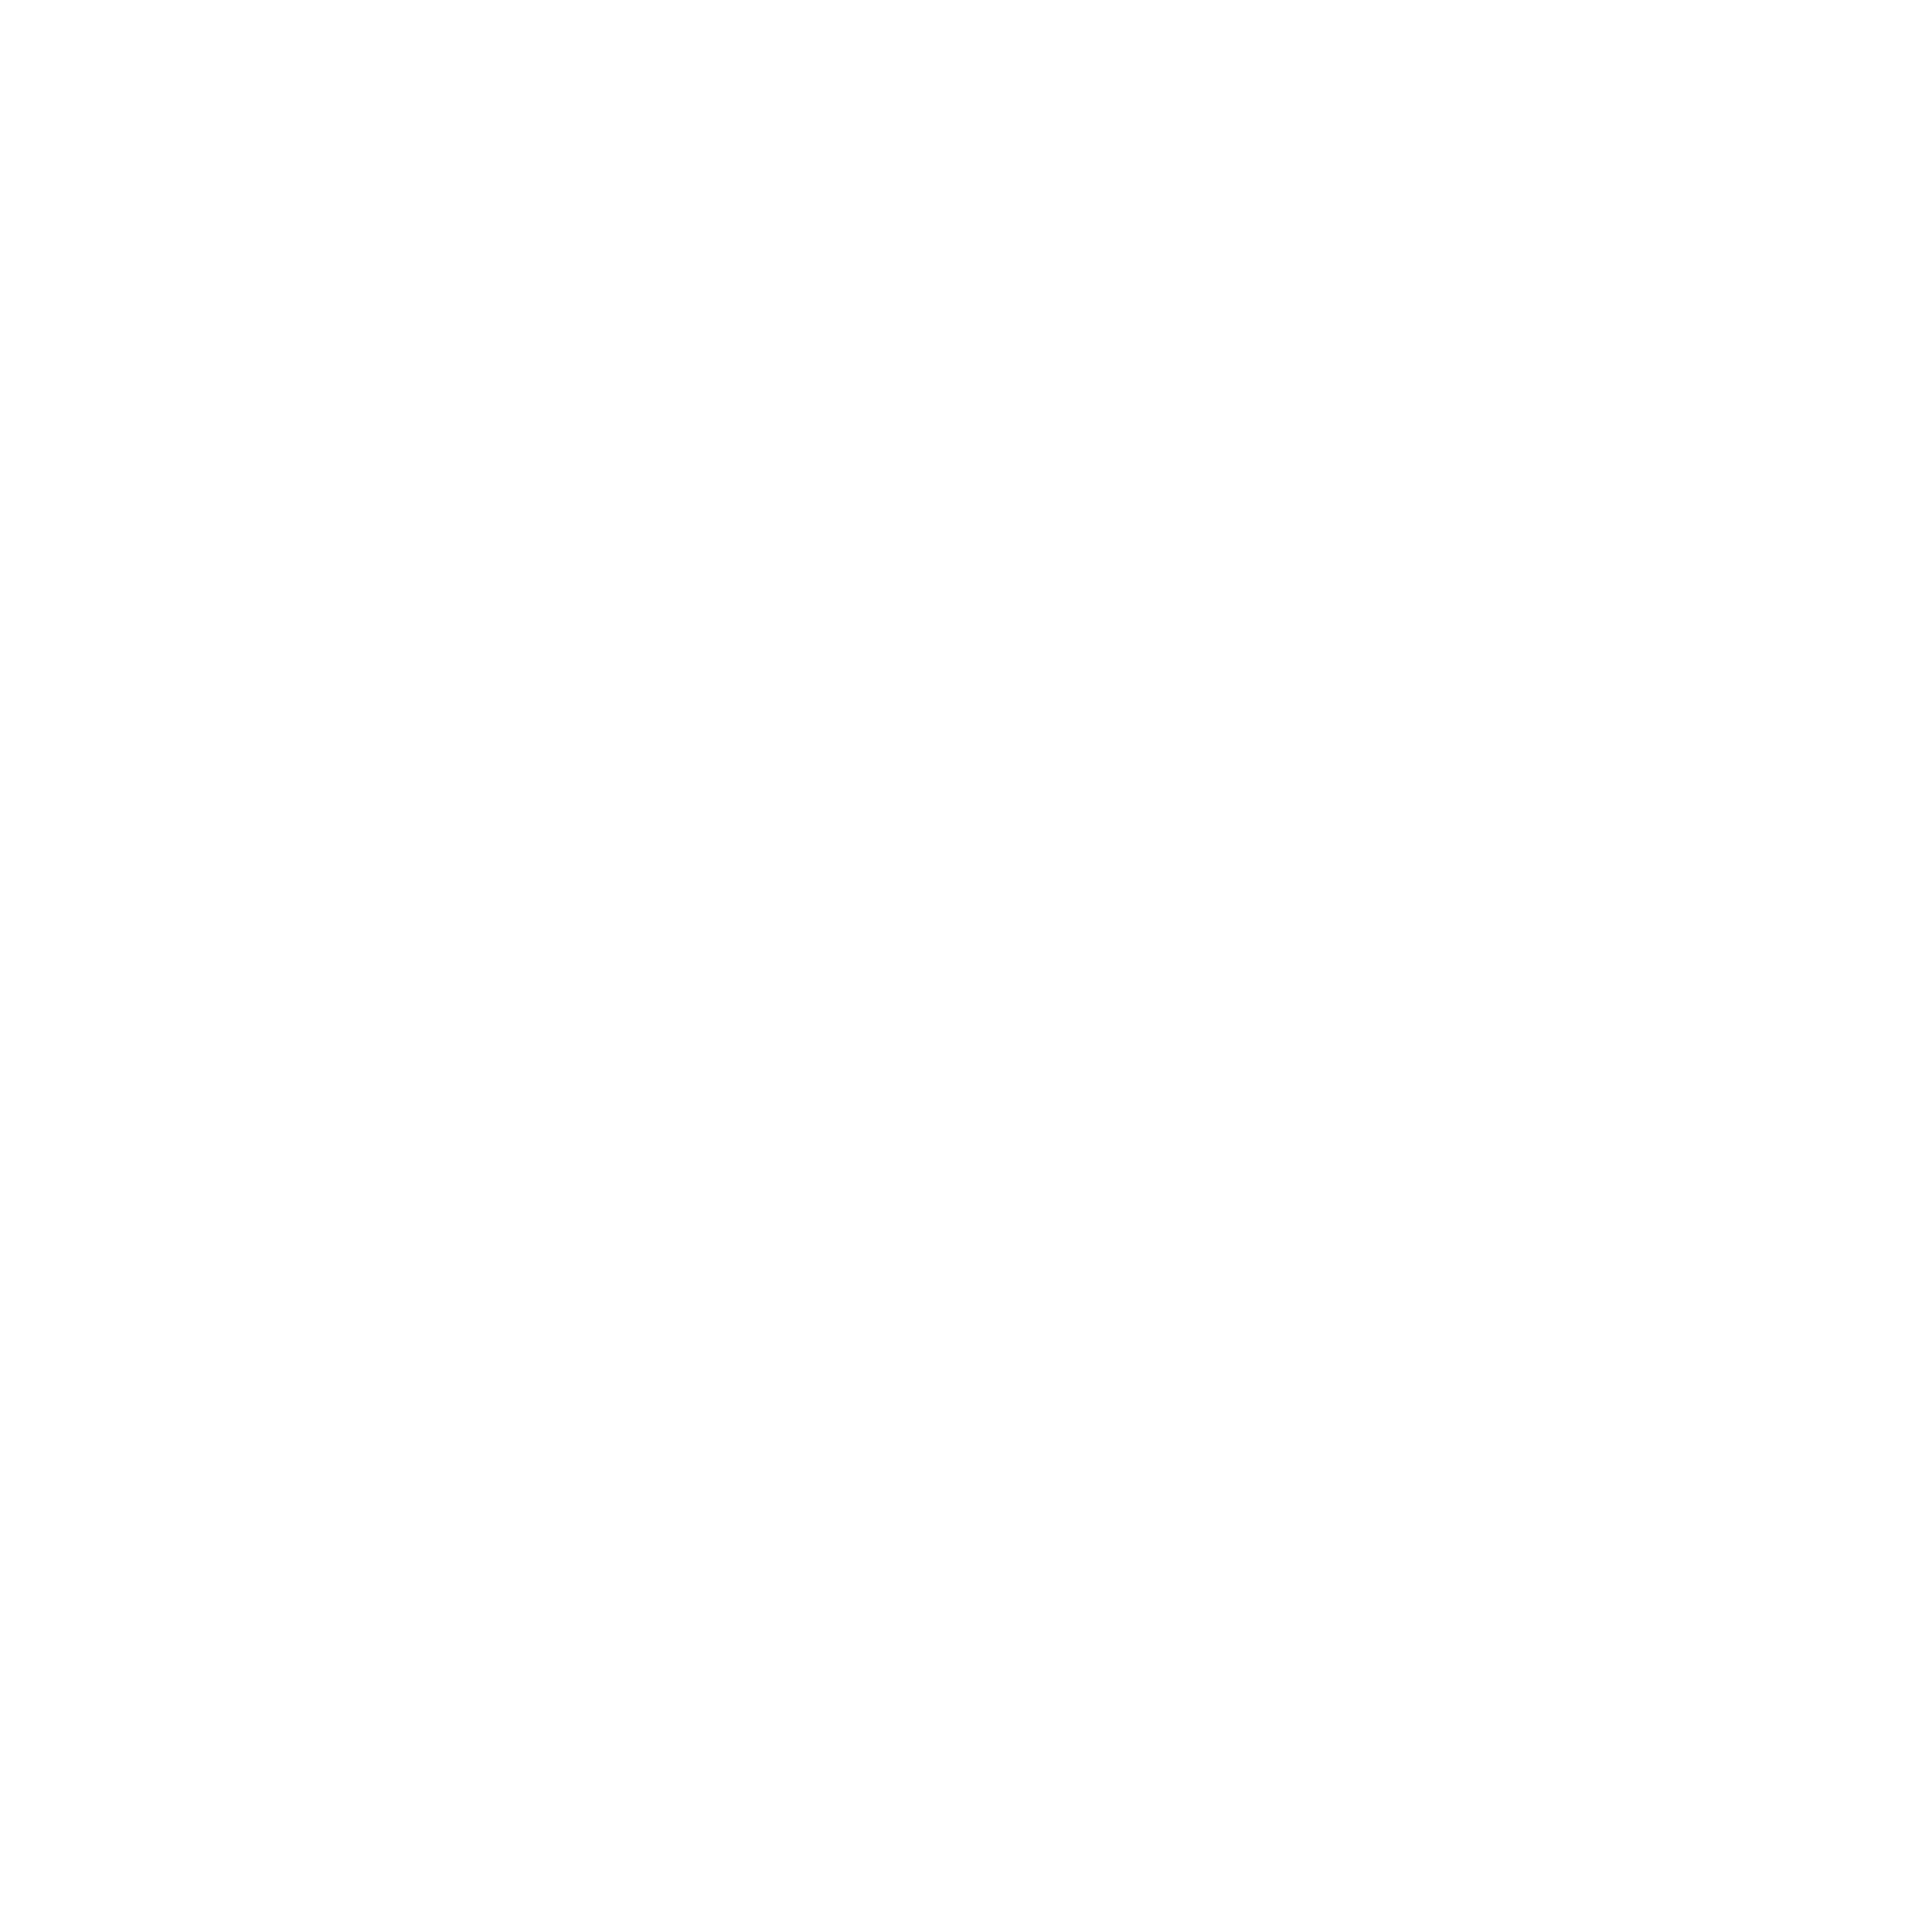 資策會白底logo